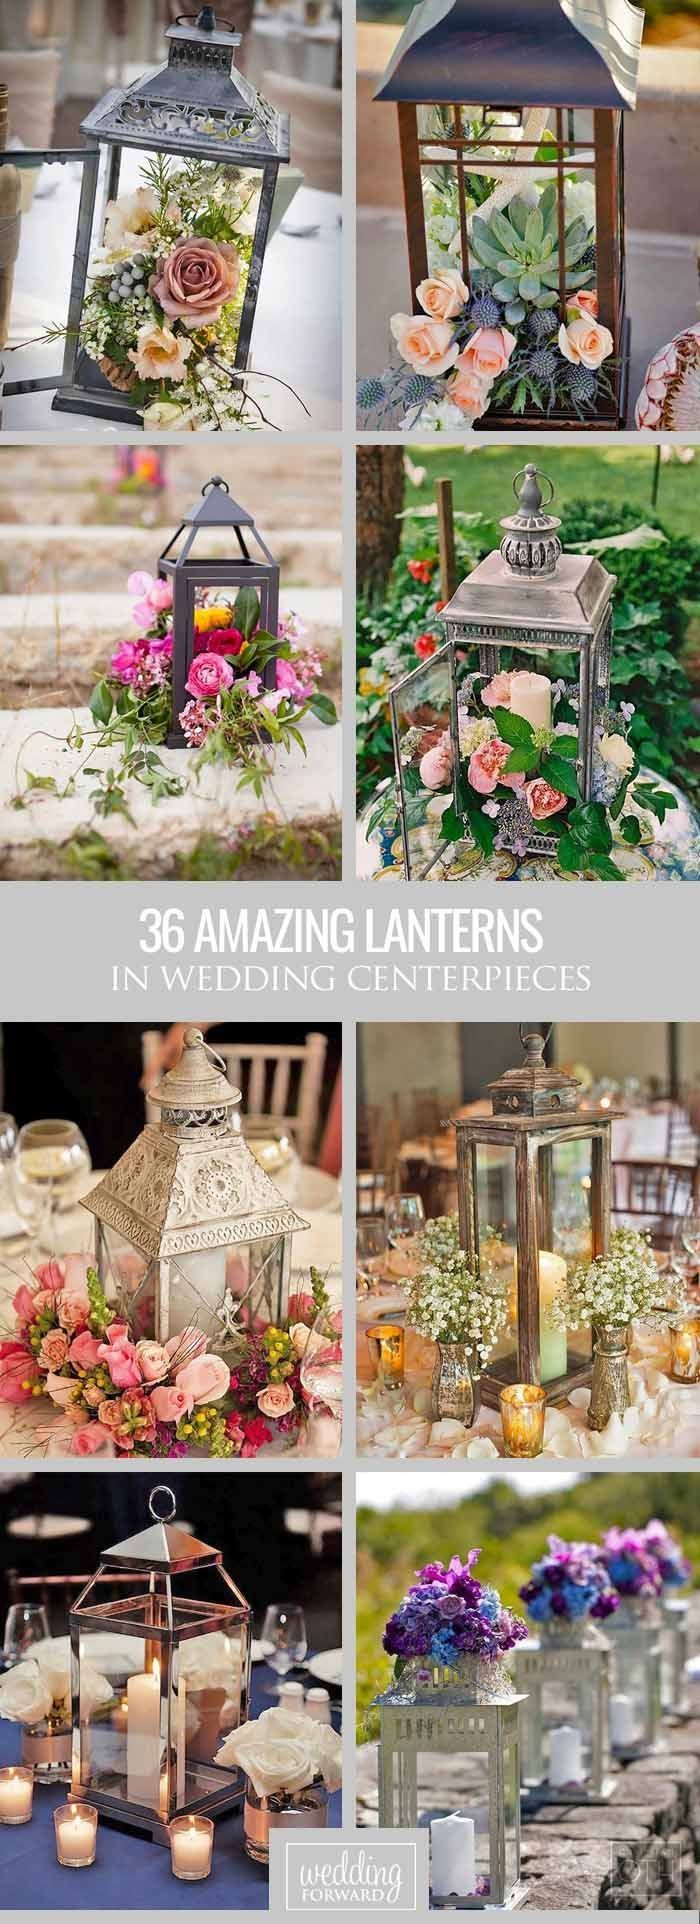 lanterns for weddings lanterns for weddings 36 Amazing Lantern Wedding Centerpiece Ideas